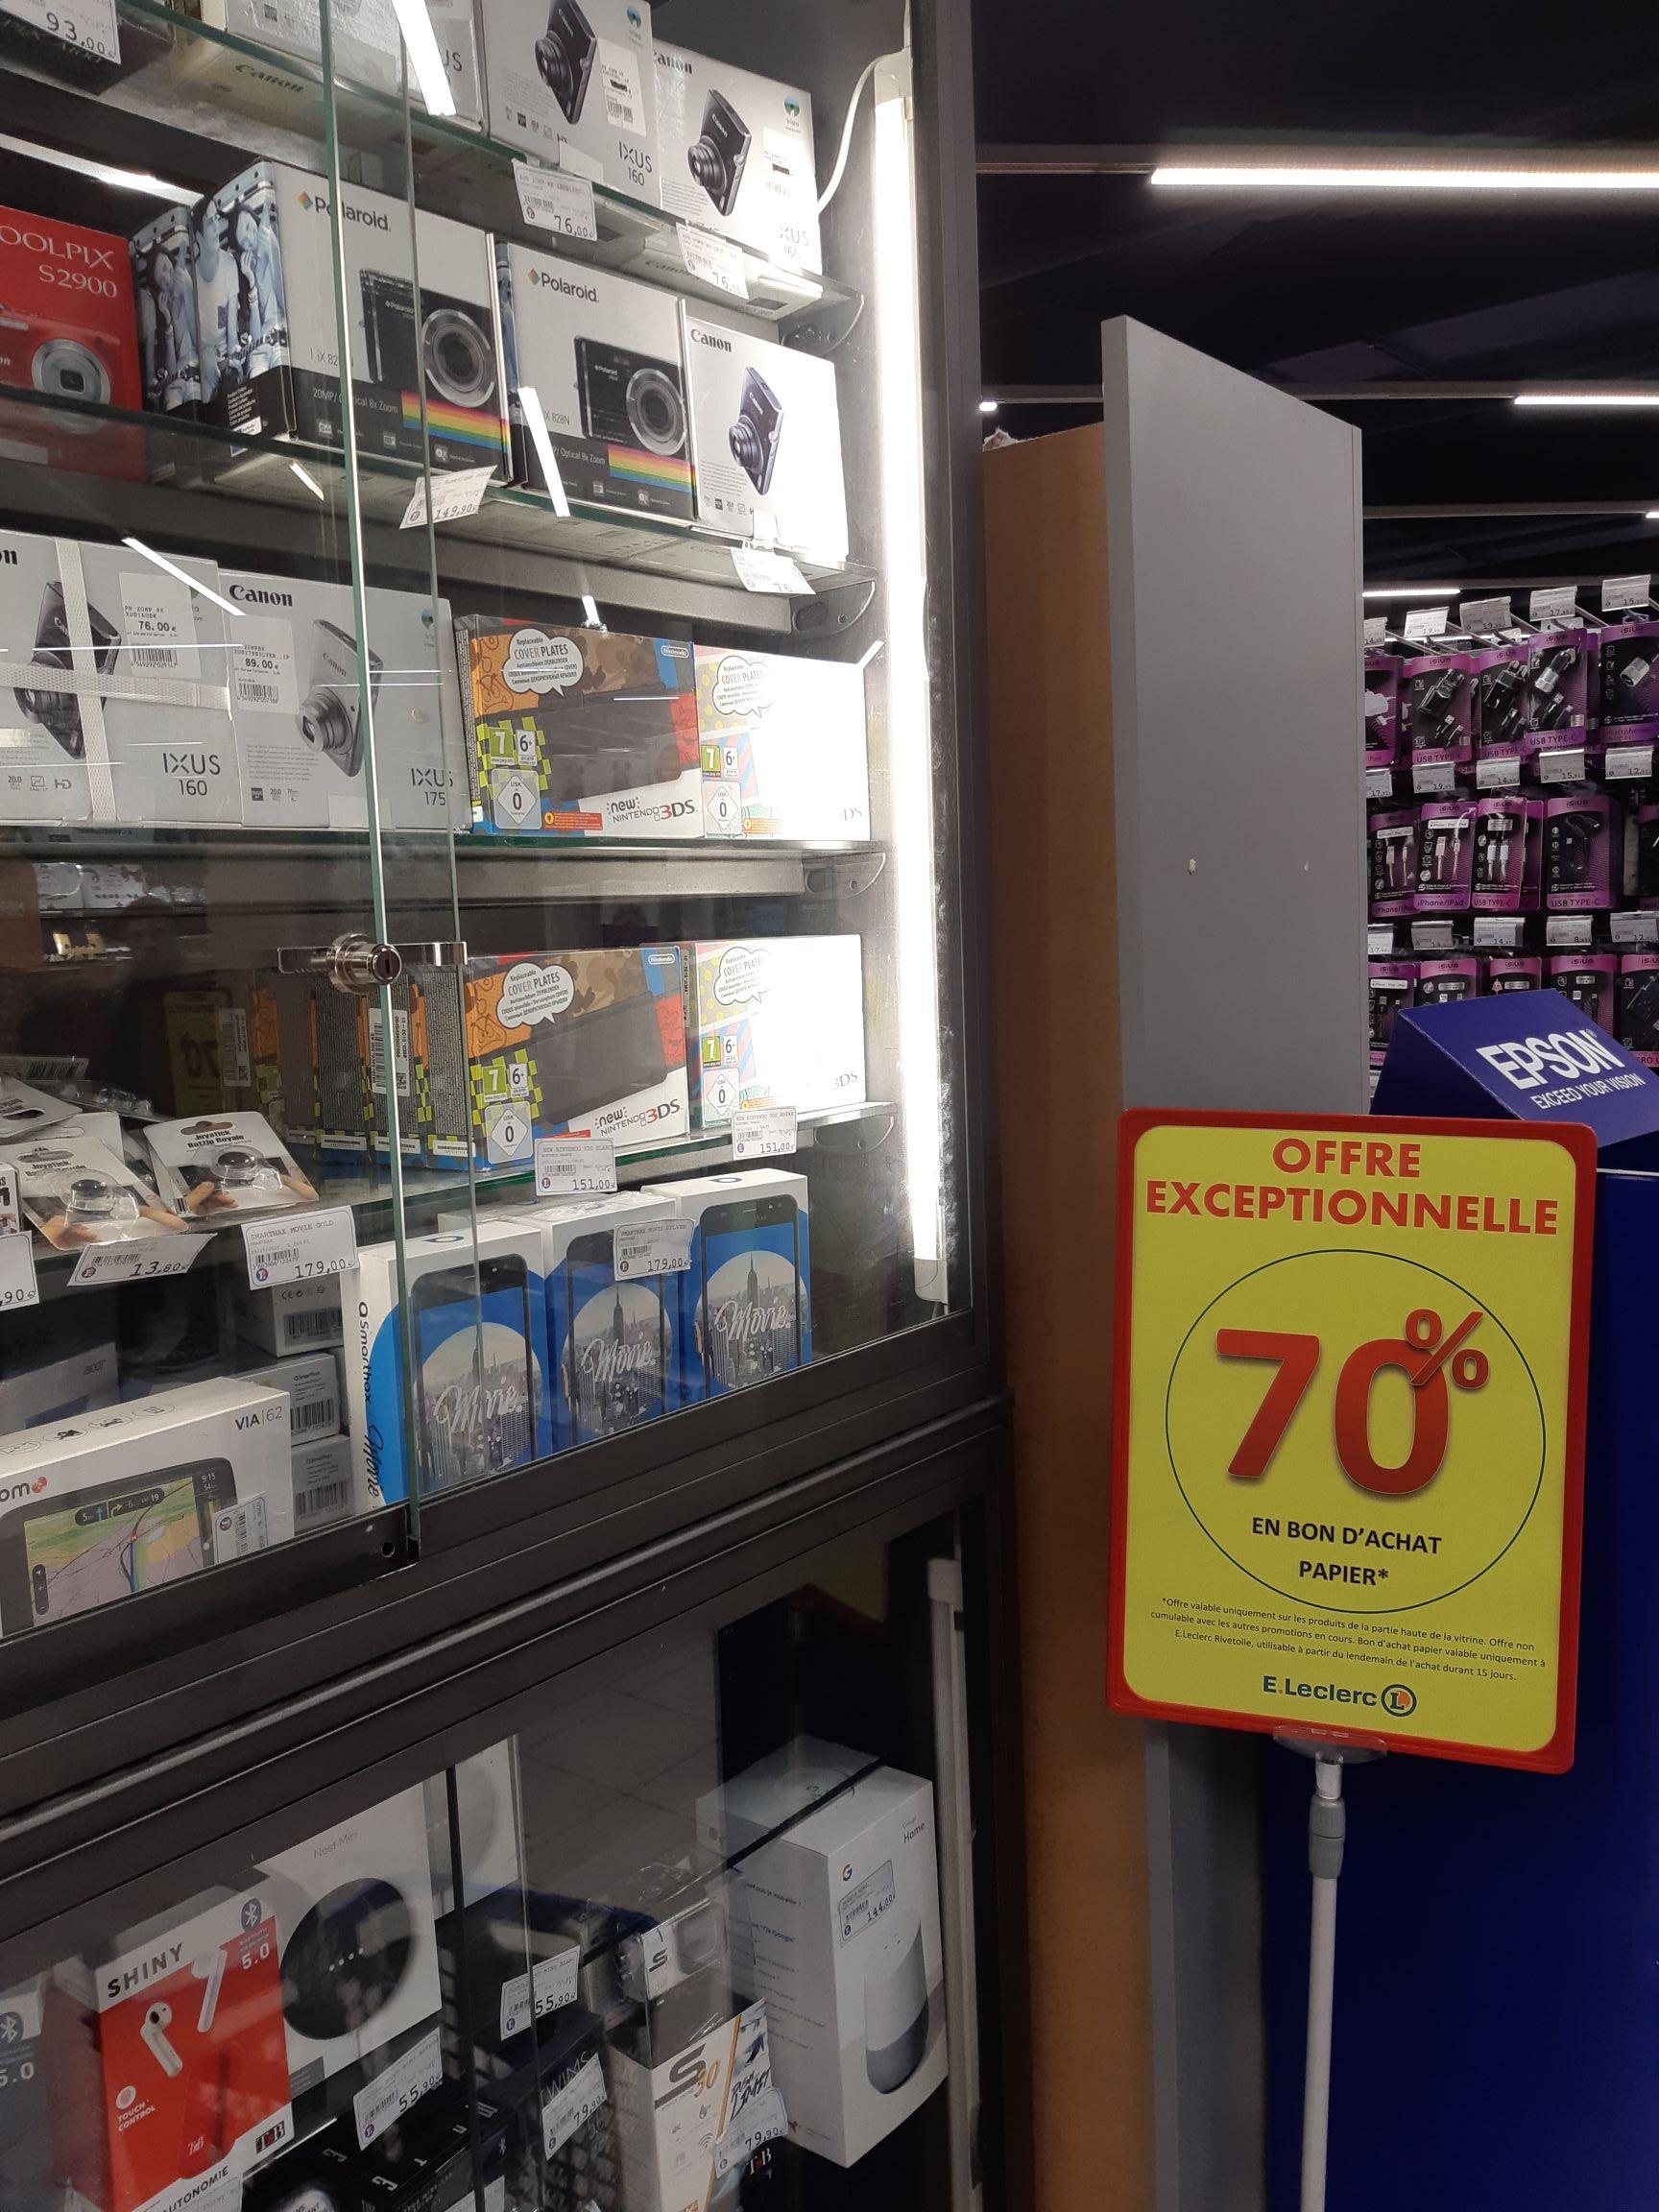 70% crédité en bon d'achat sur une sélection de produits - Strasbourg (67)